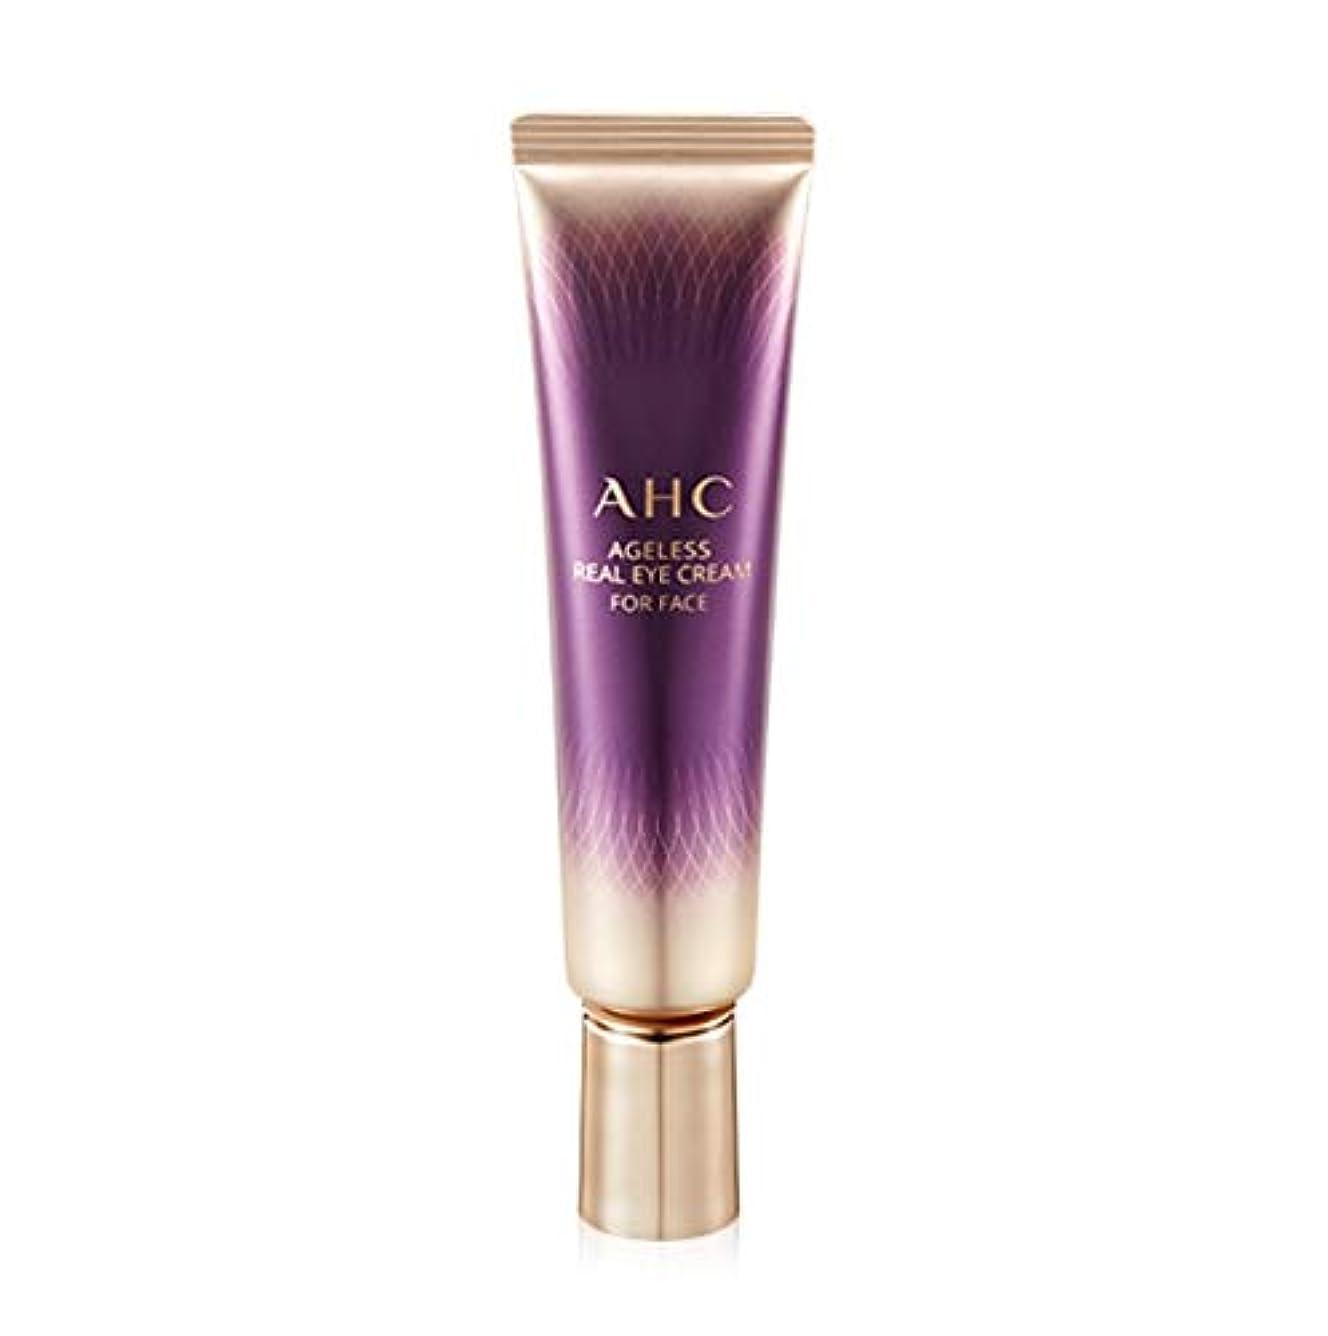 災害ばかげた灰[New] AHC Ageless Real Eye Cream For Face Season 7 30ml / AHC エイジレス リアル アイクリーム フォーフェイス 30ml [並行輸入品]